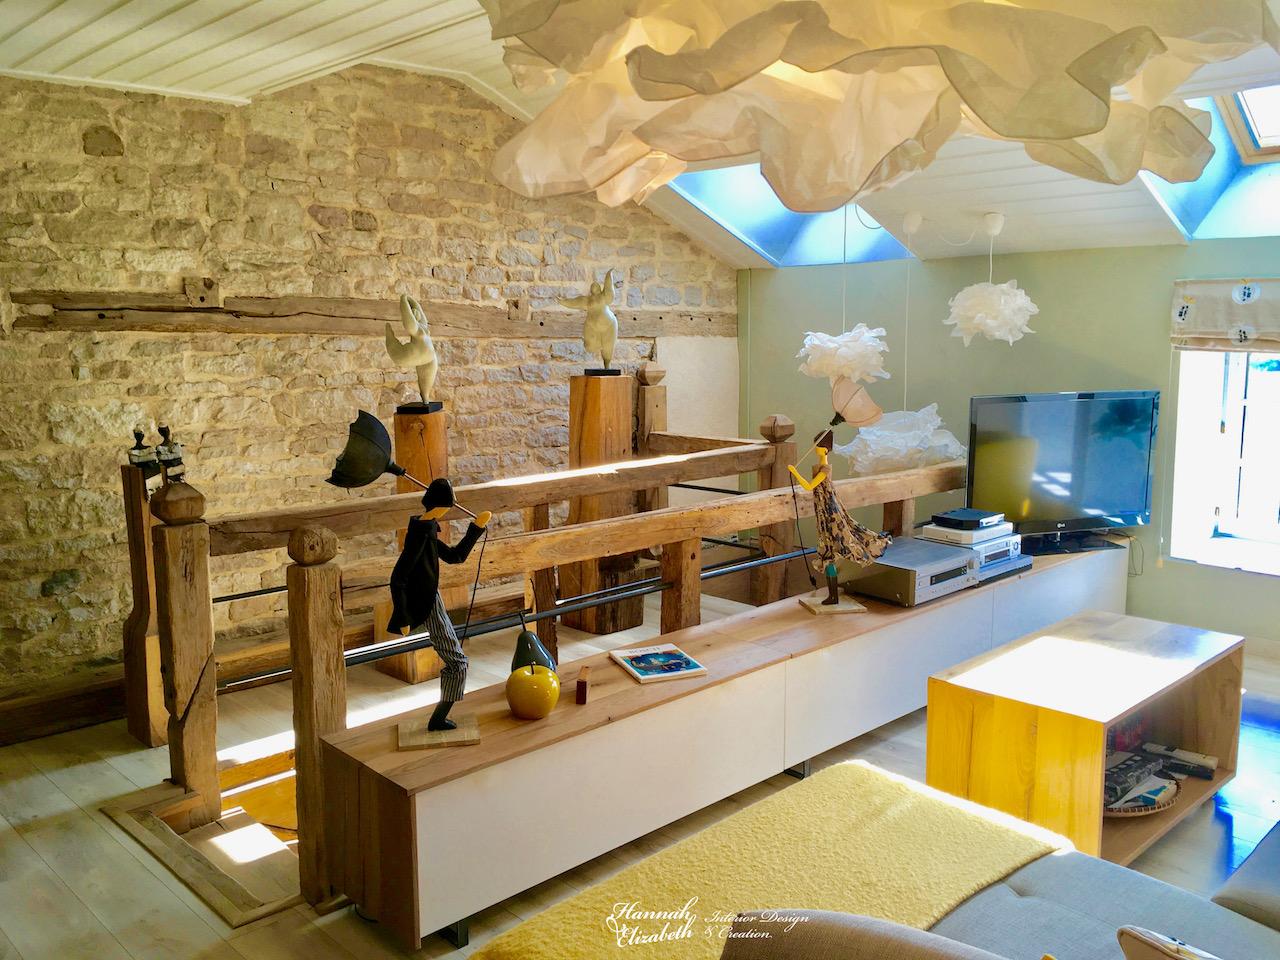 Nuage salon totem bois mur pierre hannah elizabeth interior design